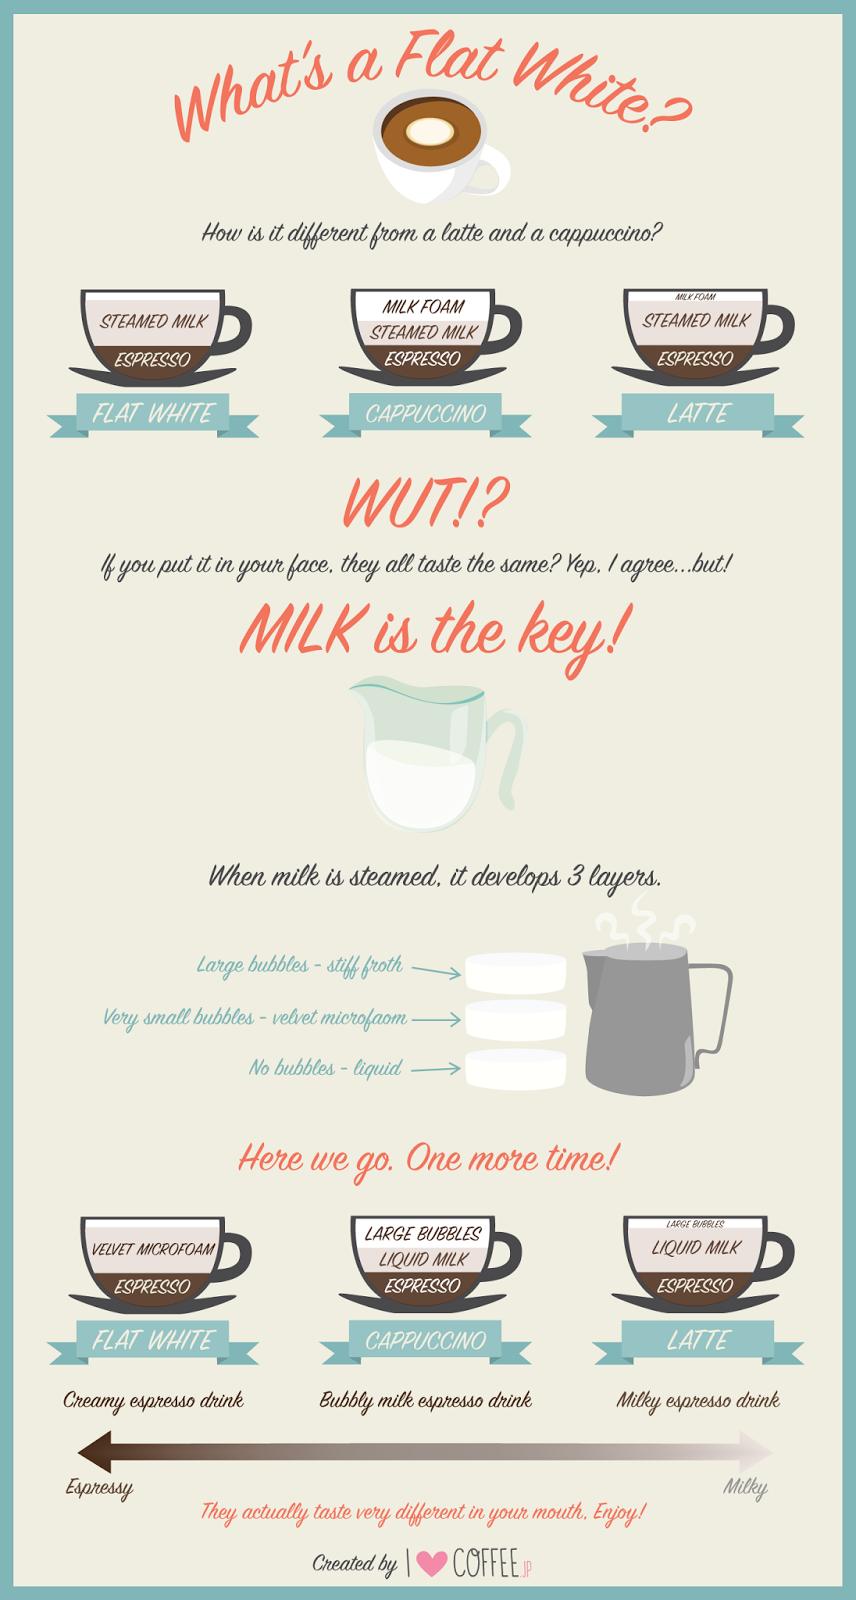 Infográfico: os diferentes tipos de café com leite